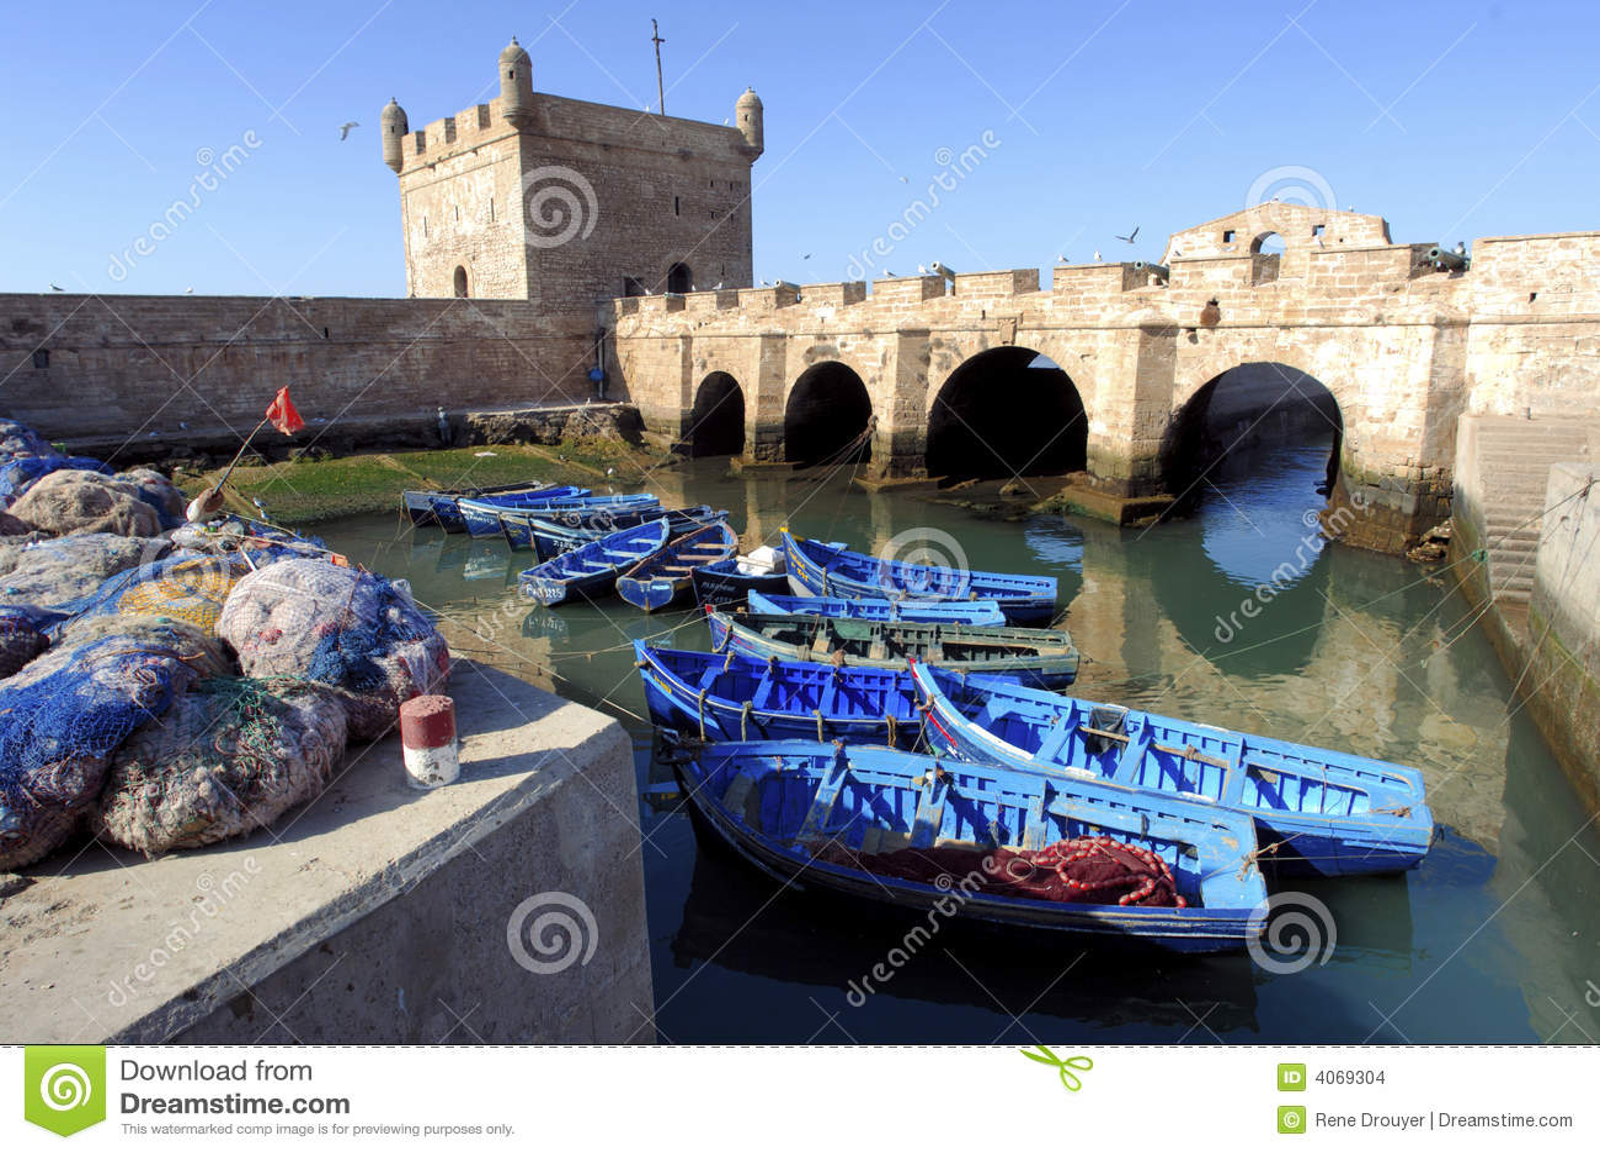 Marrocos, Essaouira: barcos de pesca